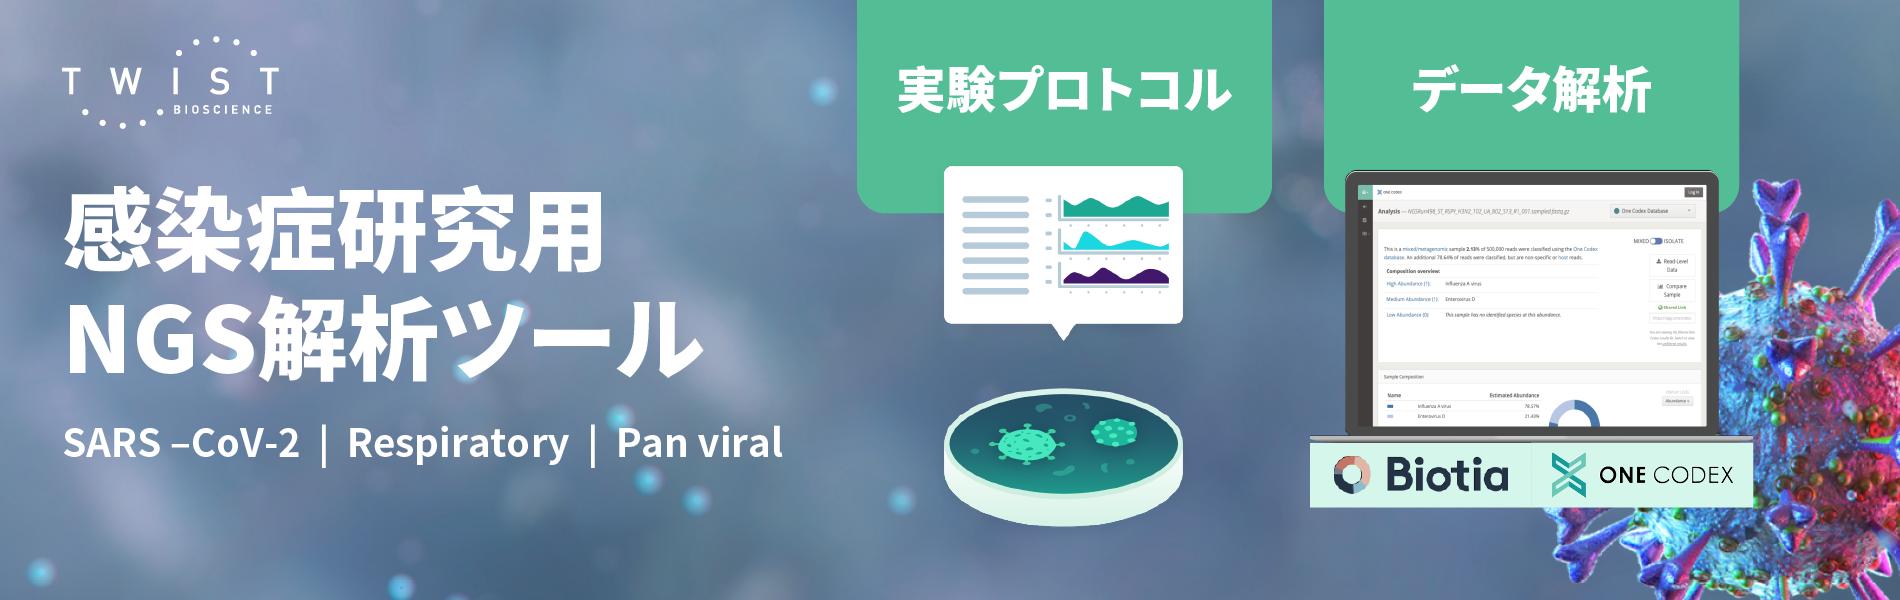 キャプチャベース、新型コロナウイルス、次世代シーケンス、NGS、アンプリコン、PCR、RT-PCR